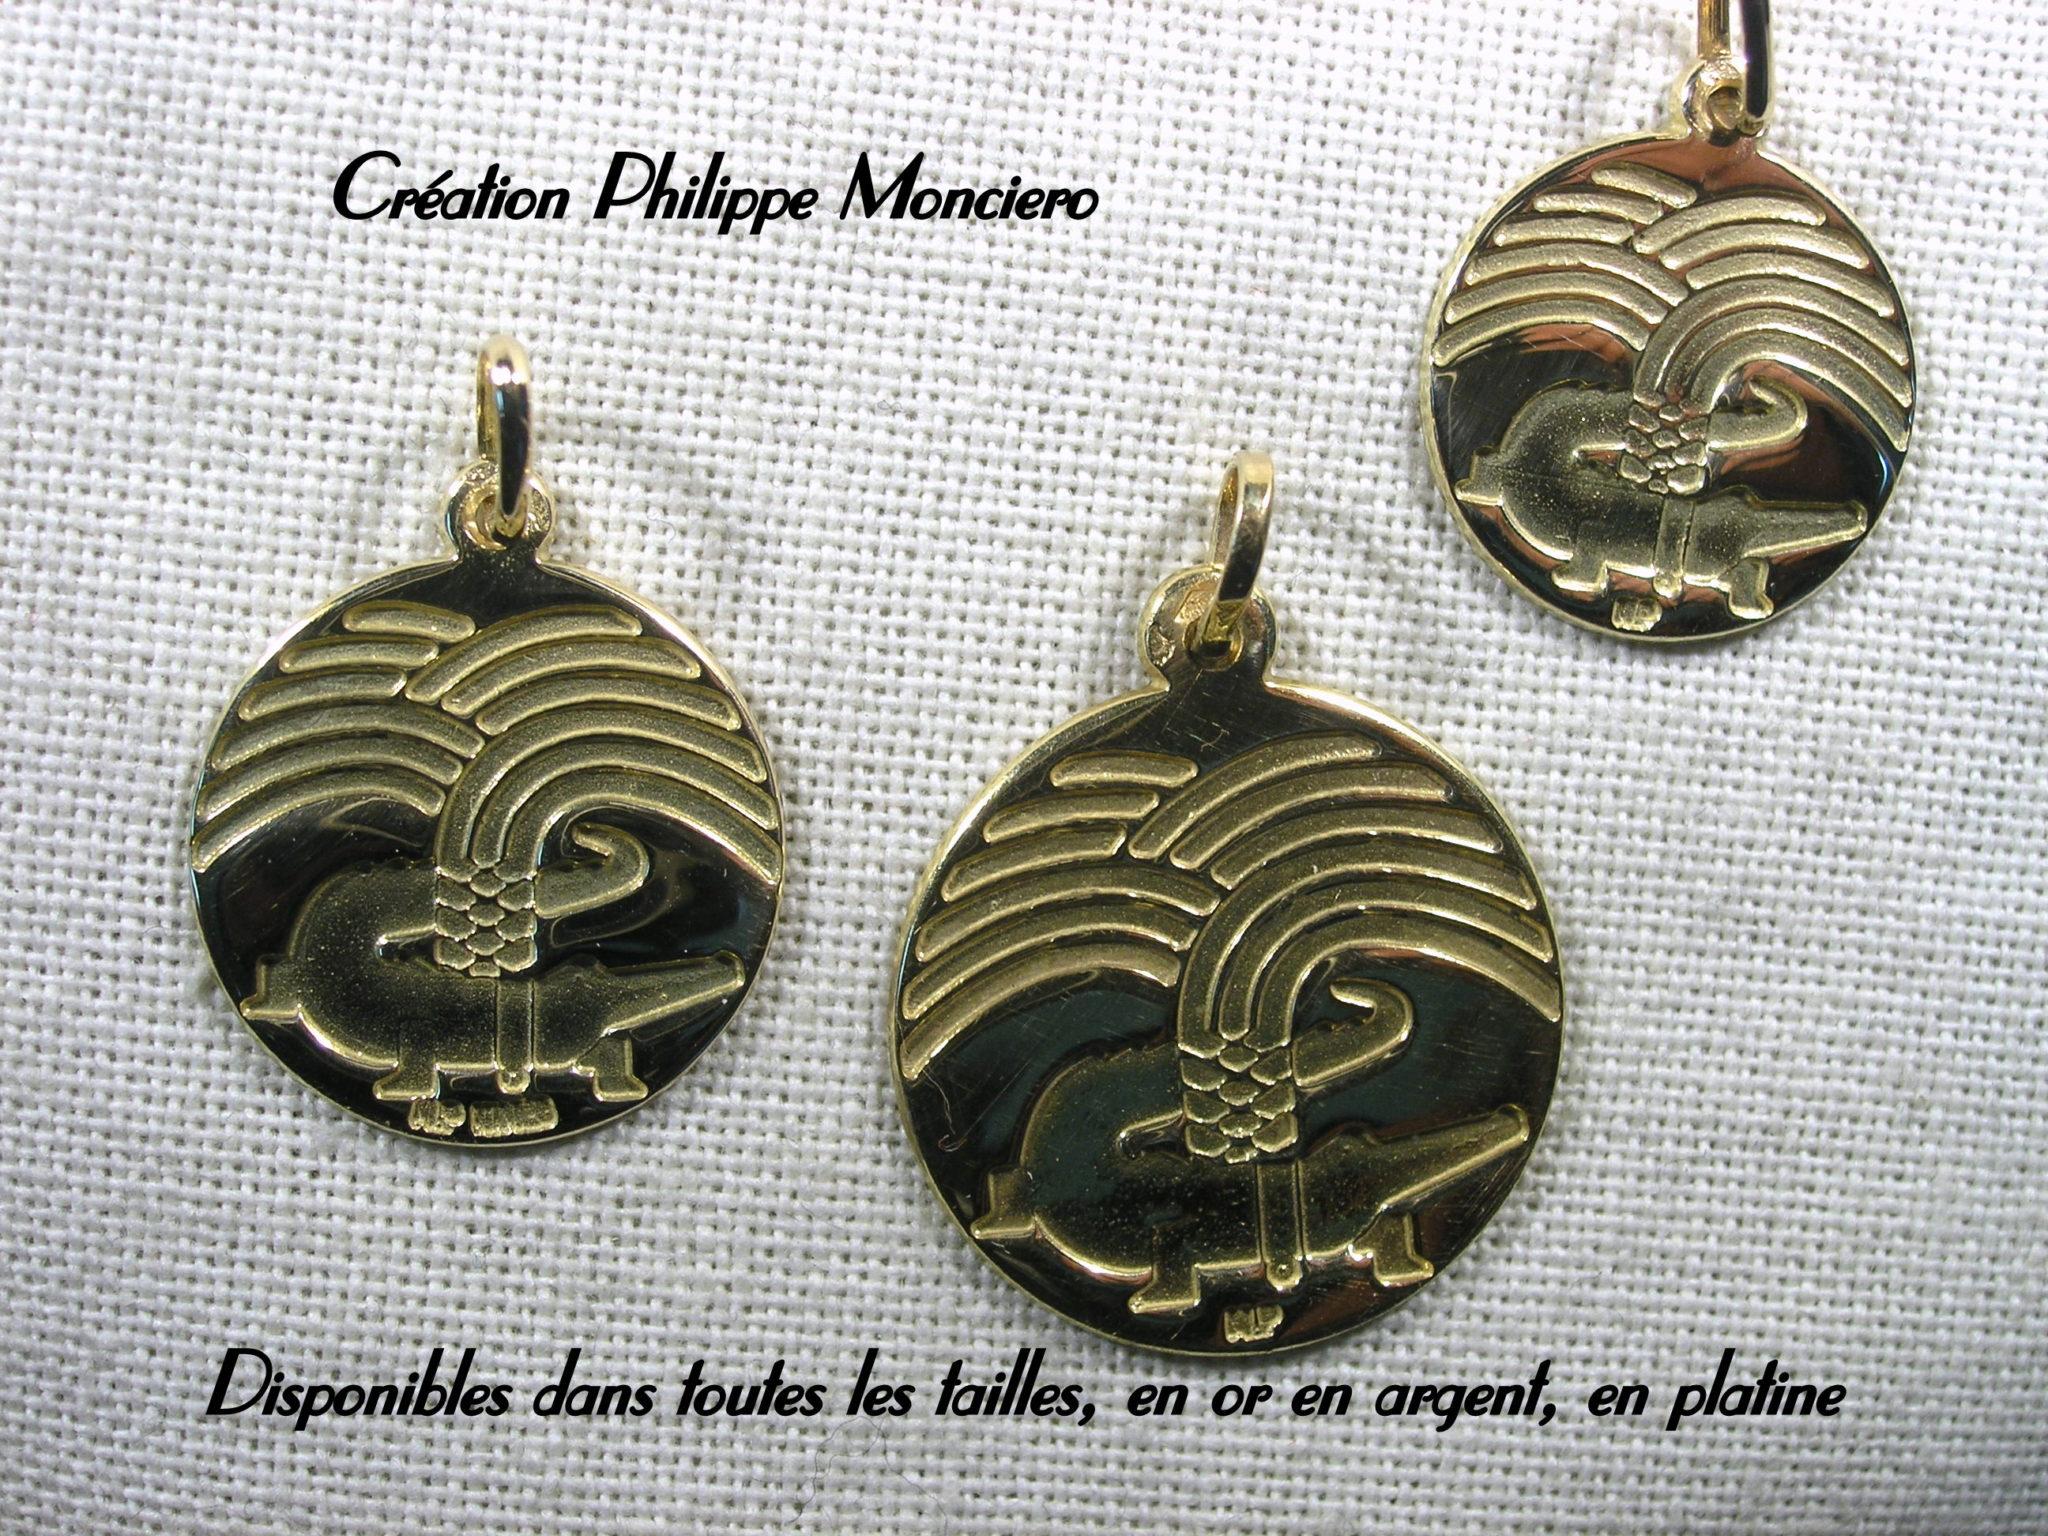 Médailles de Nîmes en or jaune. Monciero - Nîmes